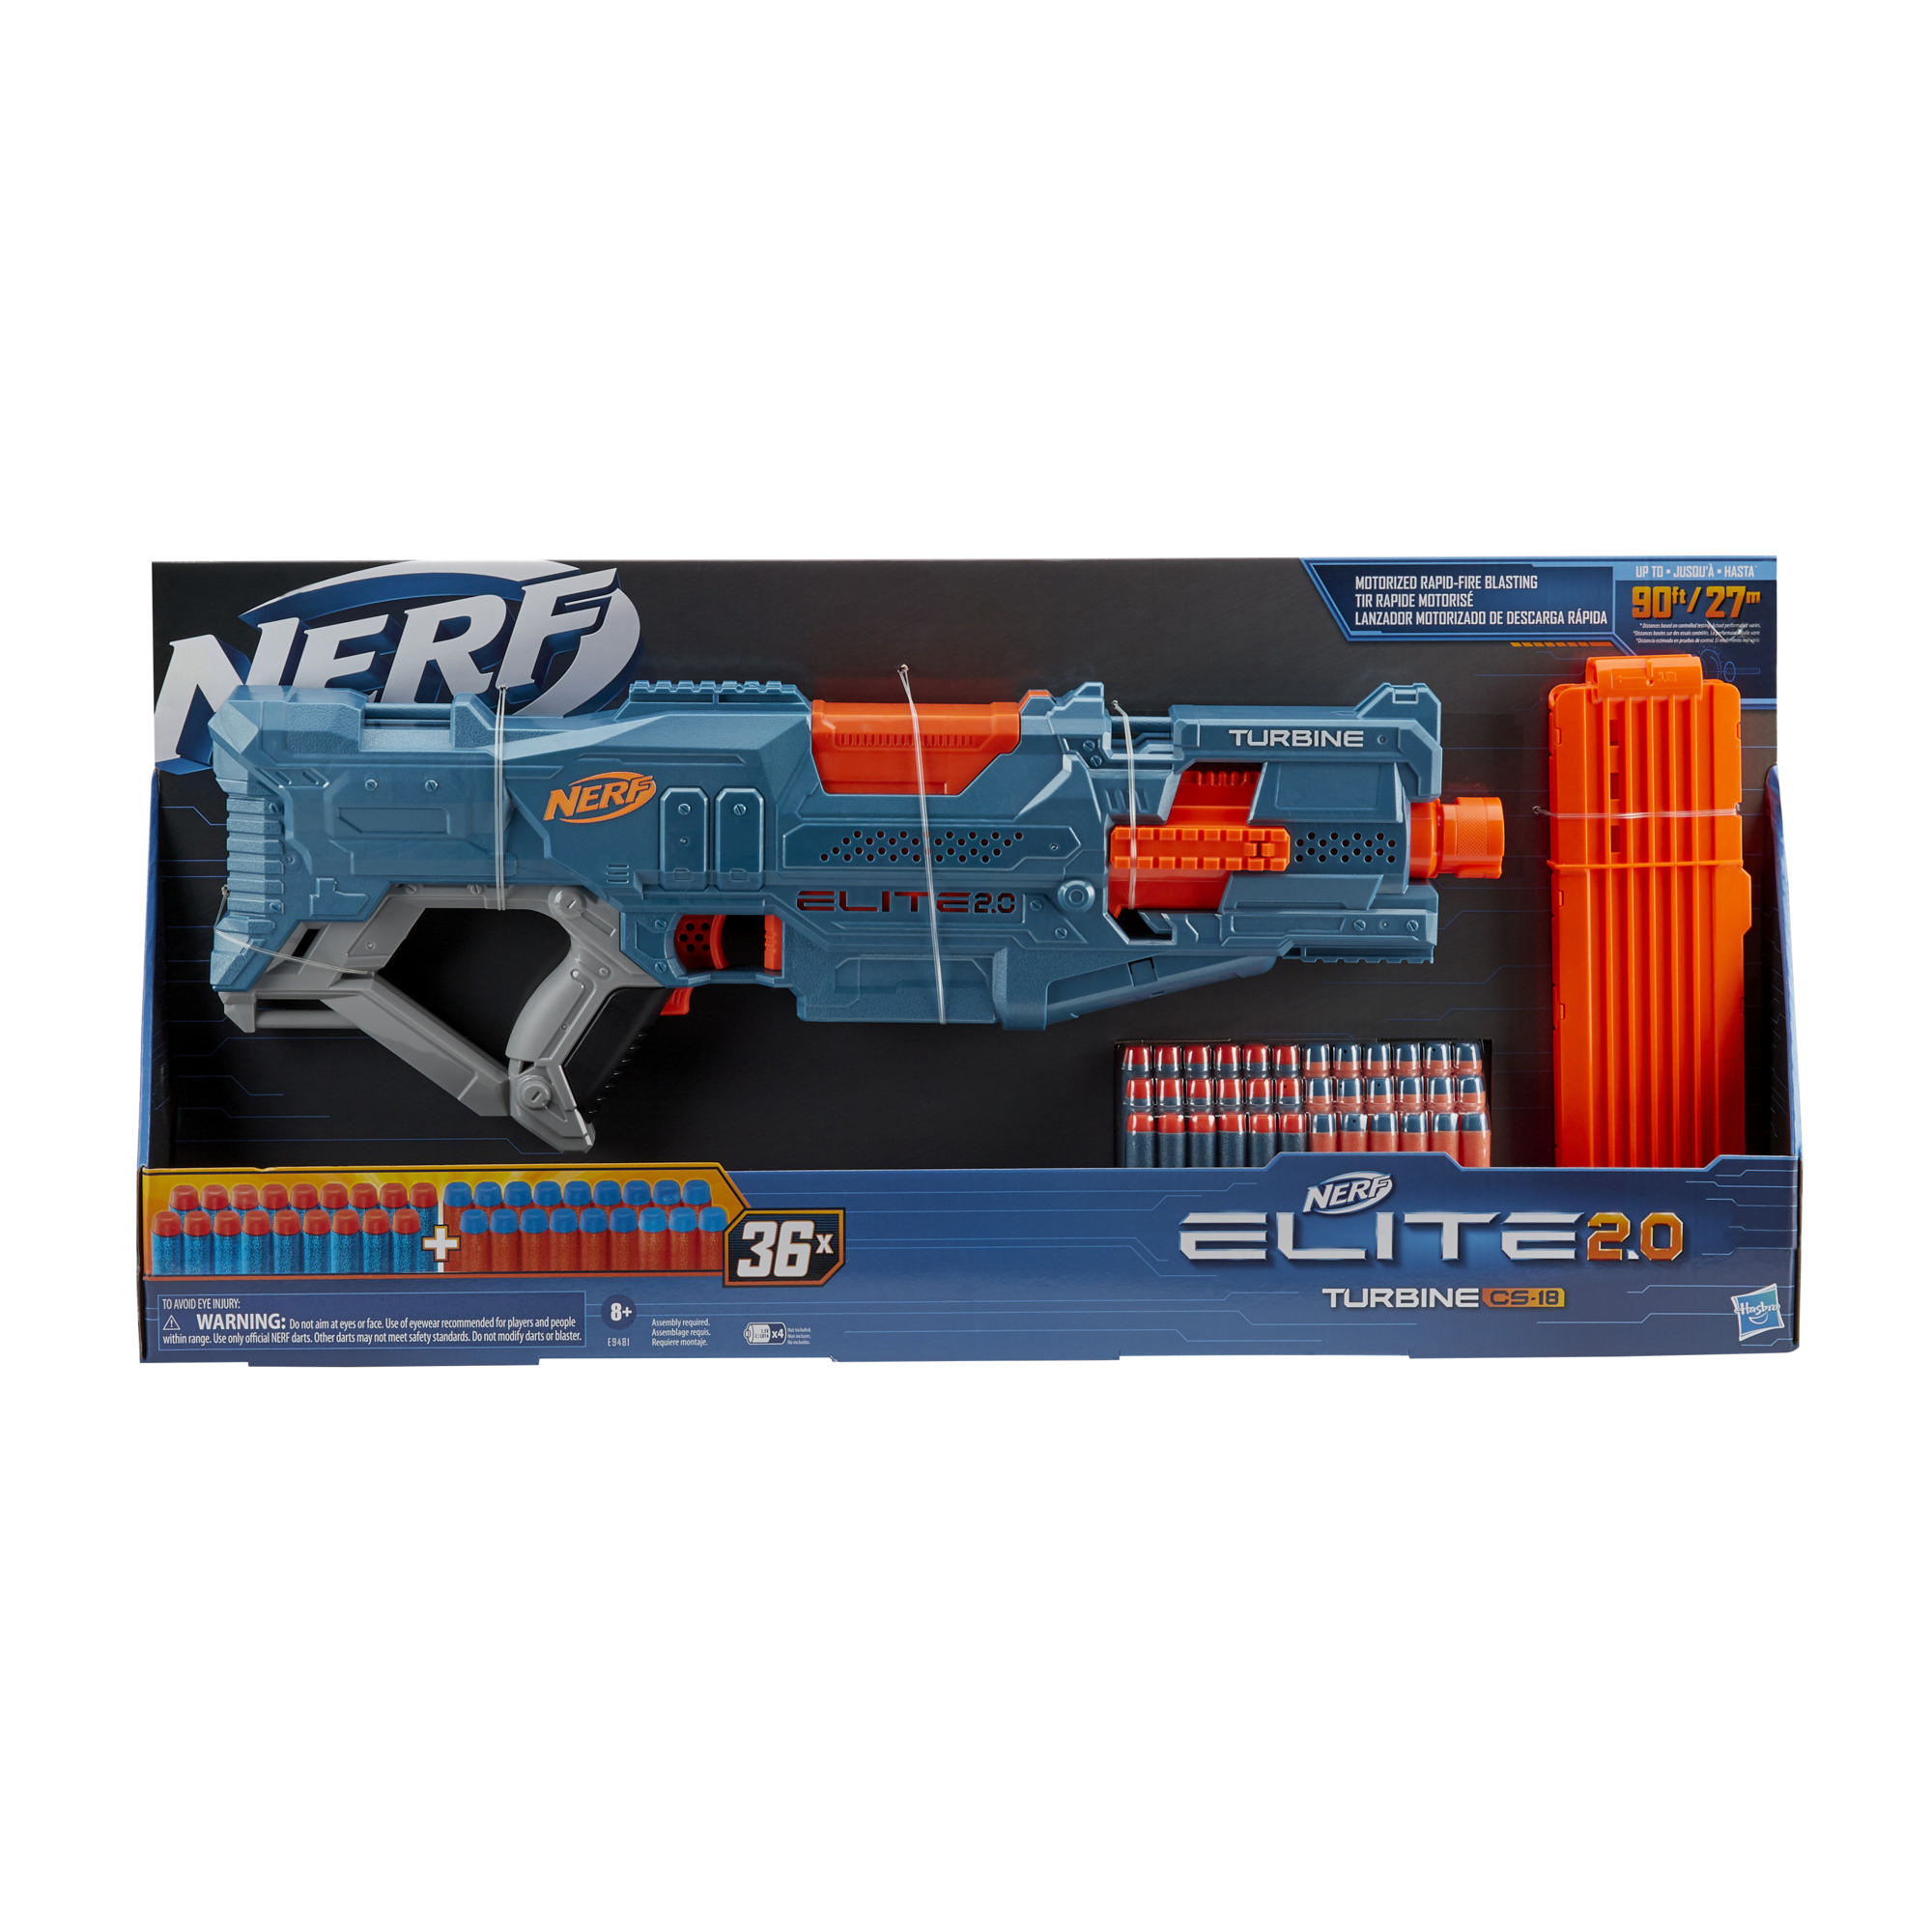 Nerf Elite 2.0 - Turbine CS-18 (blaster motorizzato con caricatore a 18 dardi e 36 dardi inclusi).